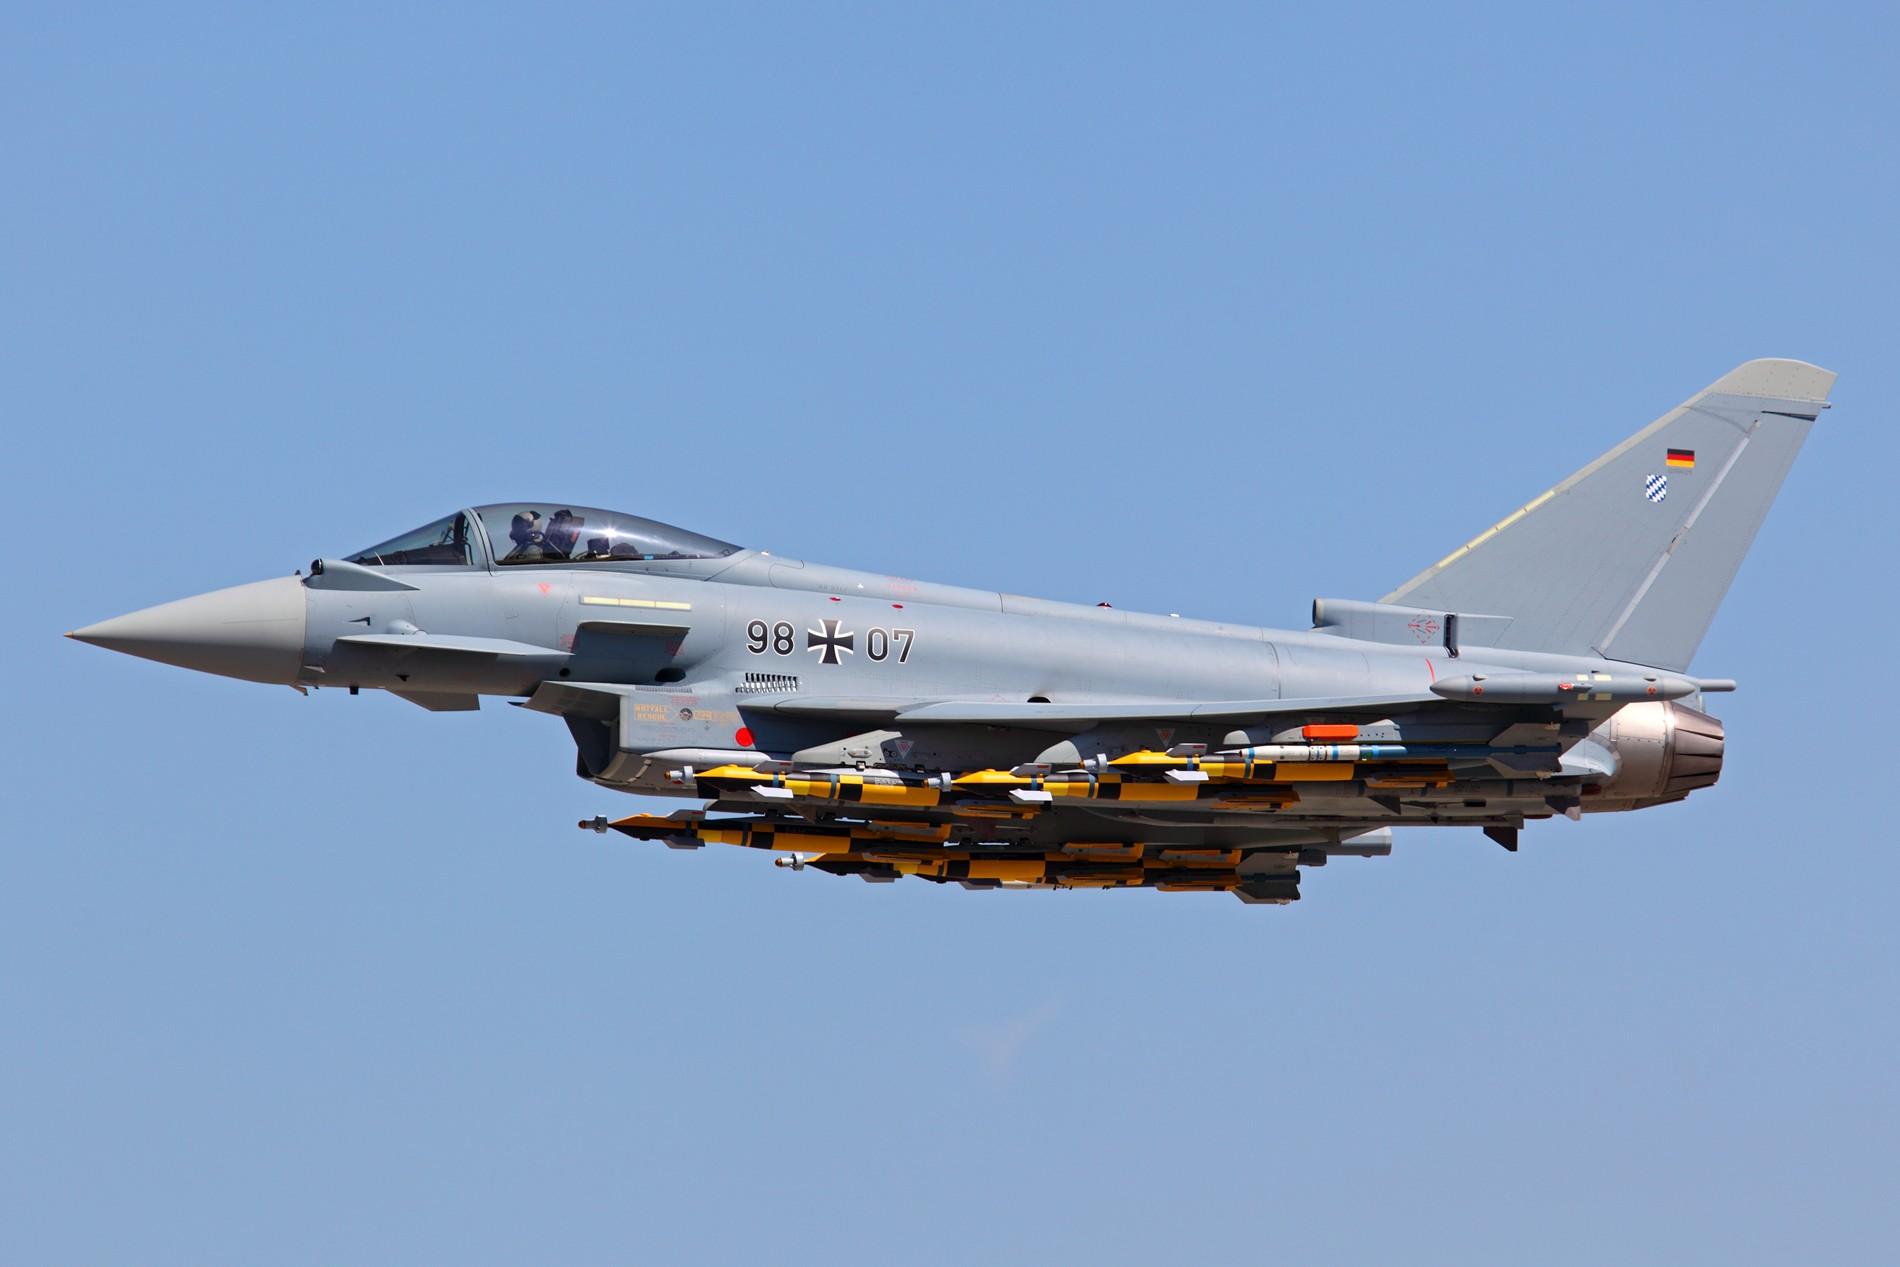 eurofighter-ipa-7-com-seis-paveway-iv-quatro-mraam-e-dois-sraam-foto-eurofighter